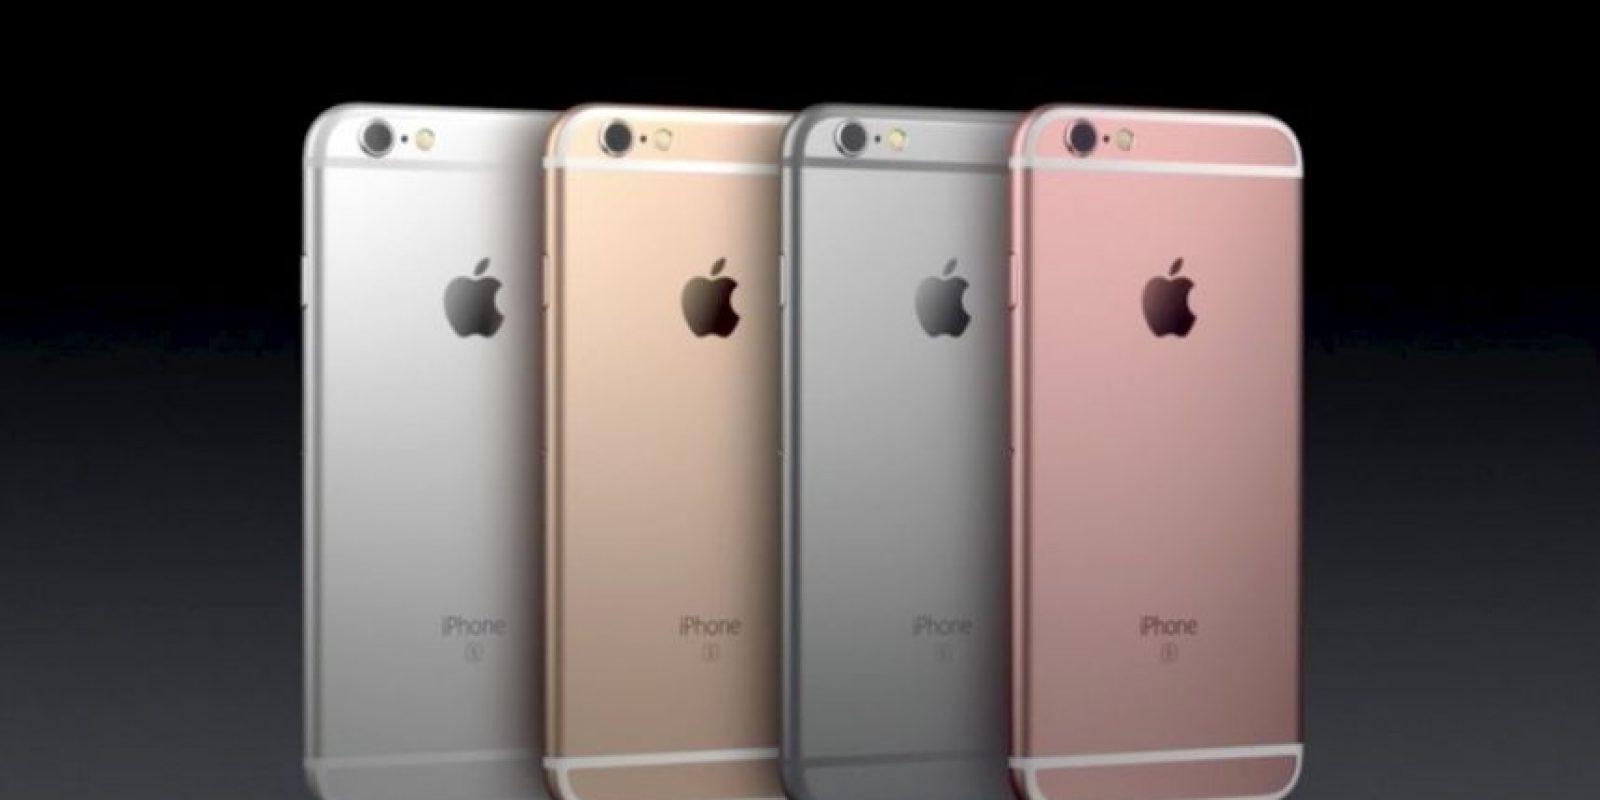 Disponible desde 649 dólares. Foto:Apple